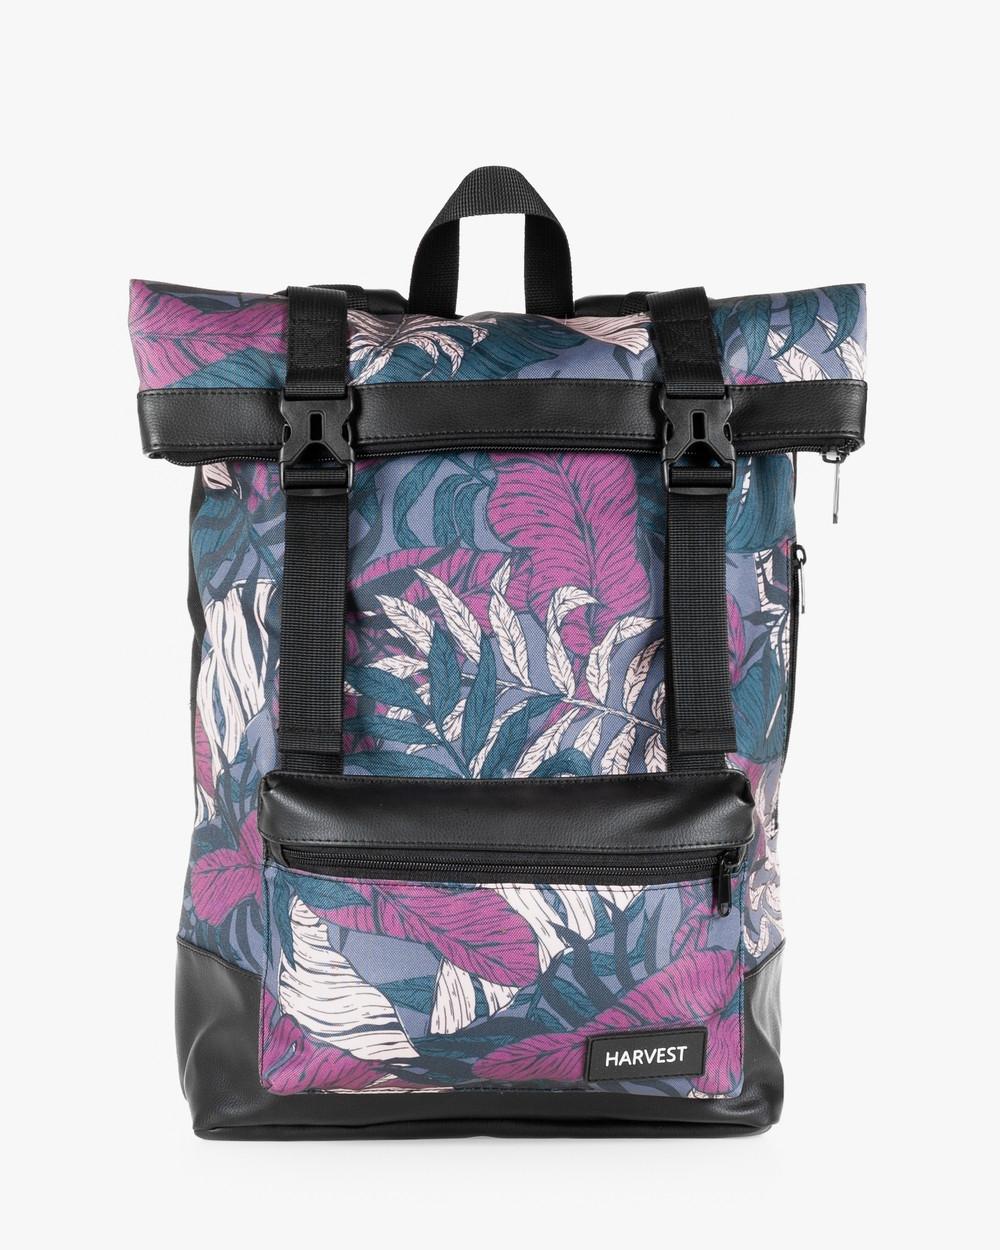 Стильний рюкзак HARVEST Roll тропік бордовий 40x29x11 см. 18-21 л. роллтоп для ноутбука поліестр екошкіра